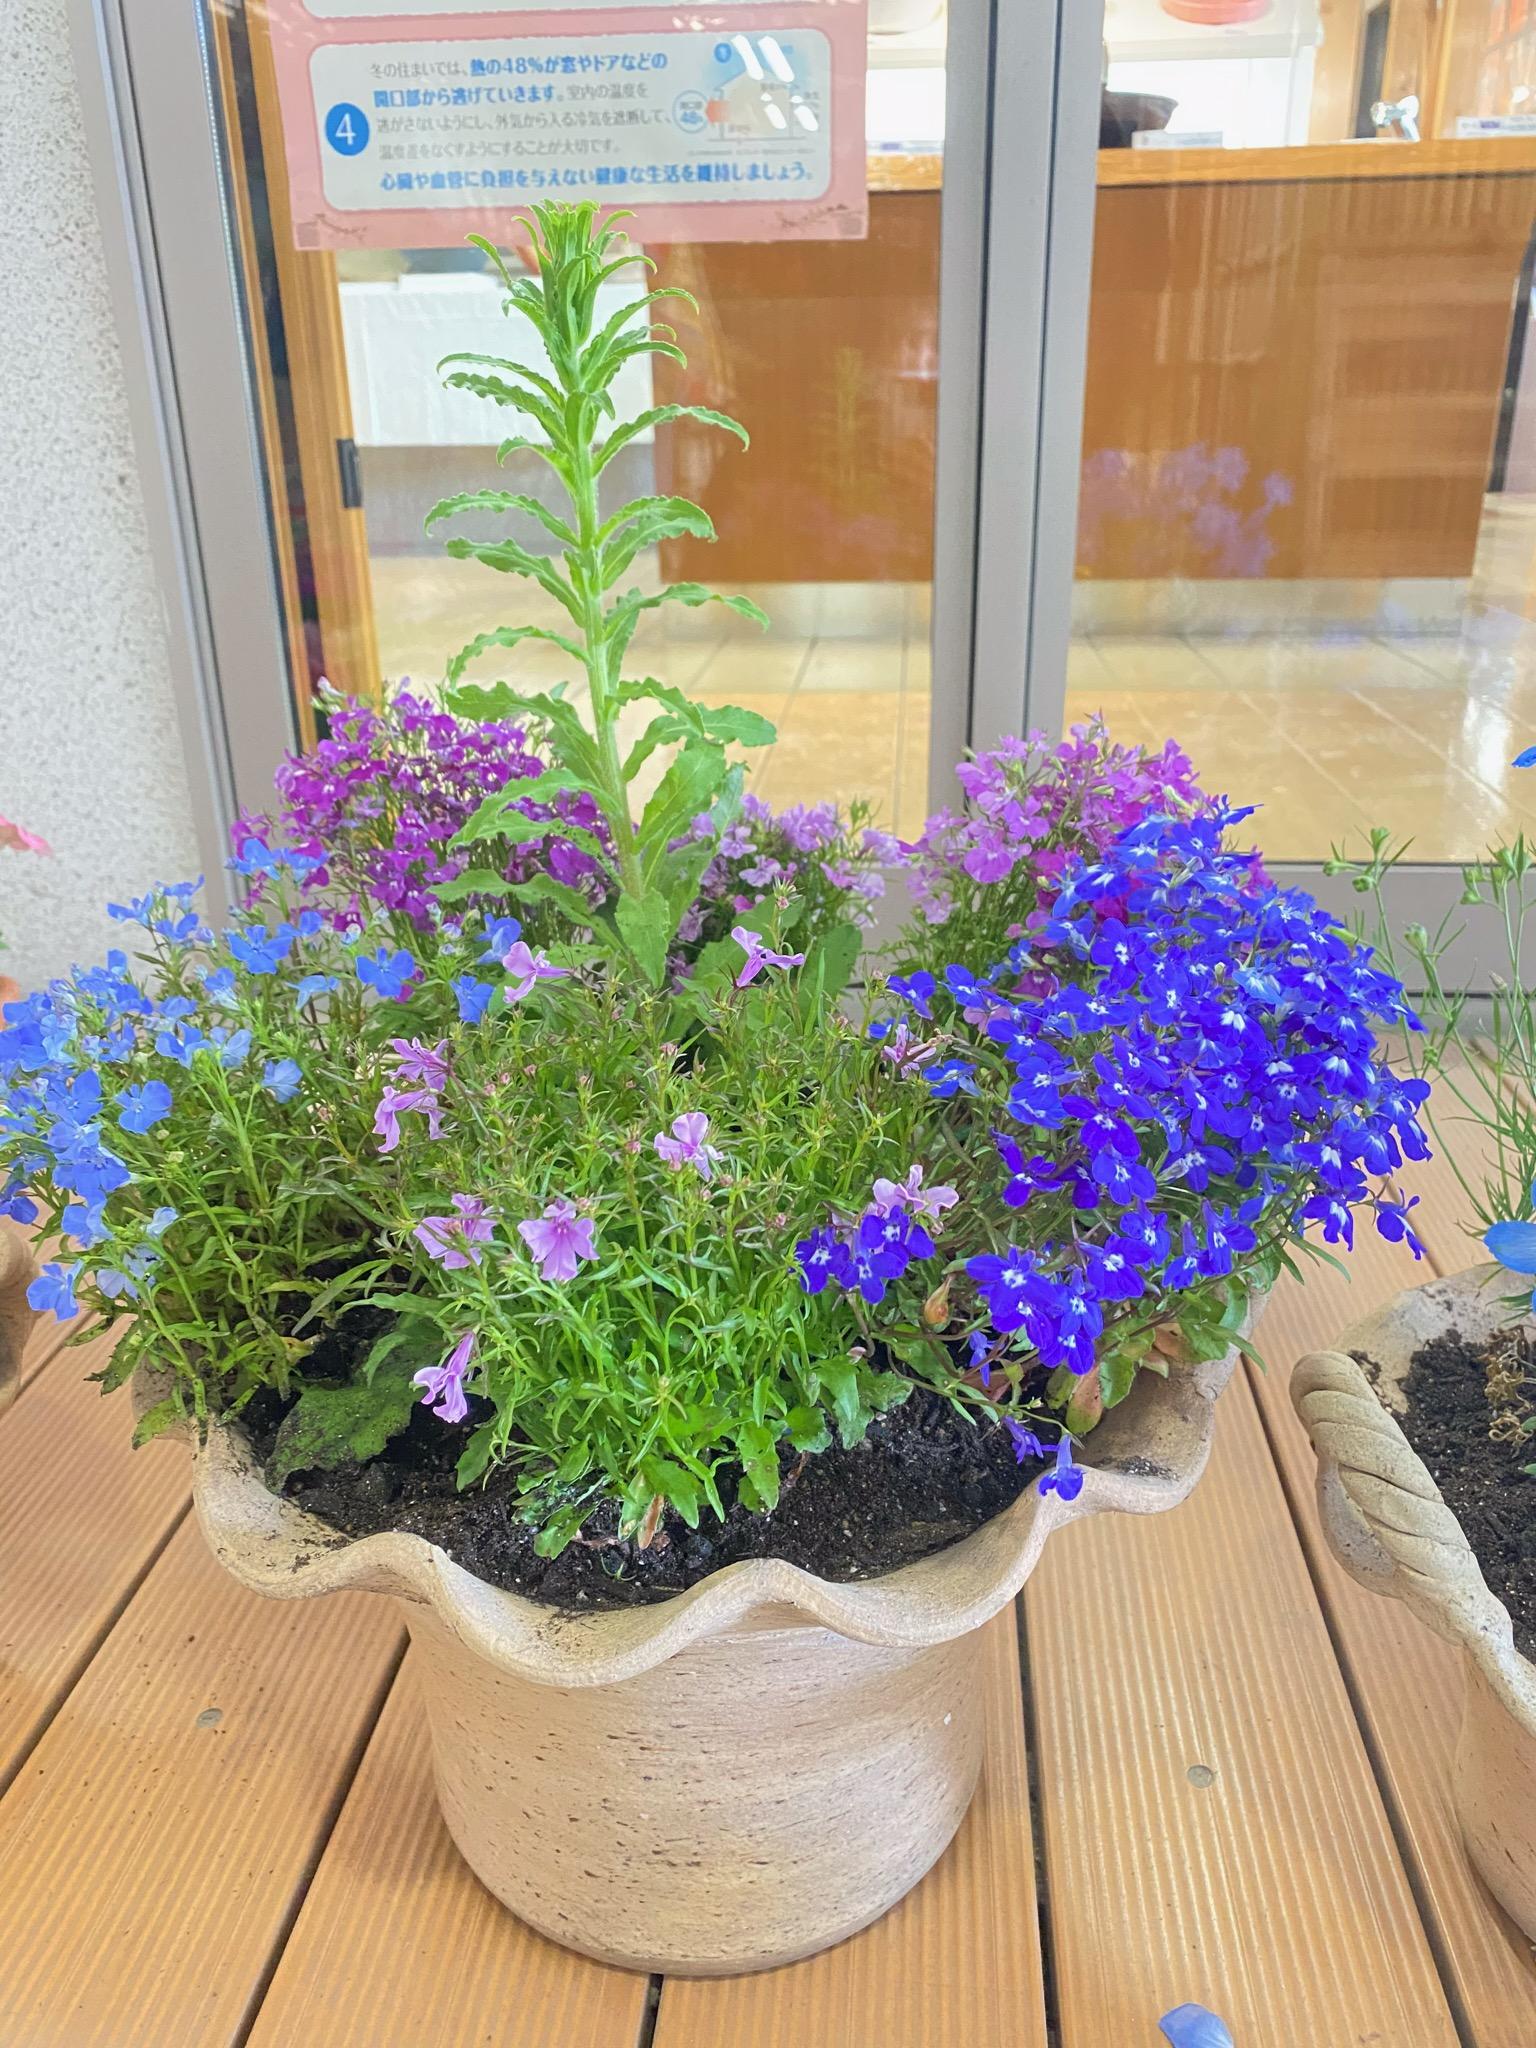 花の寄せ植え教室開催!!